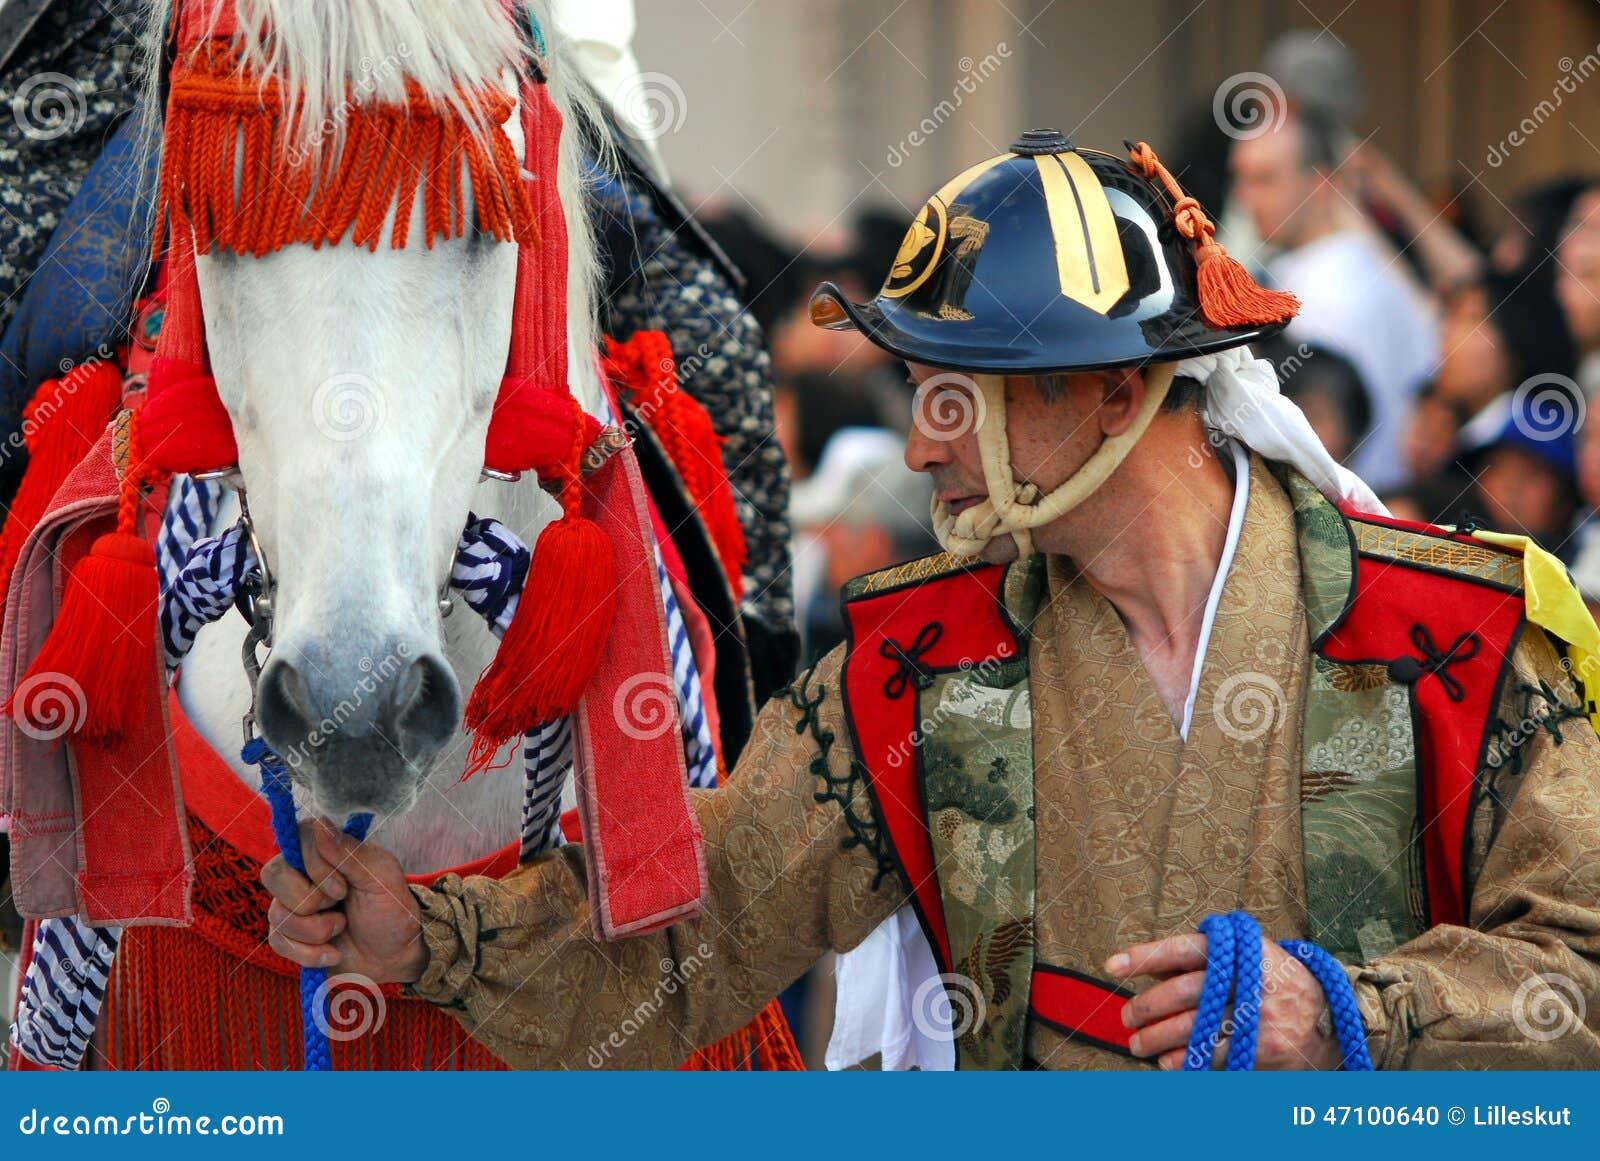 Reiter und Pferd traditionell